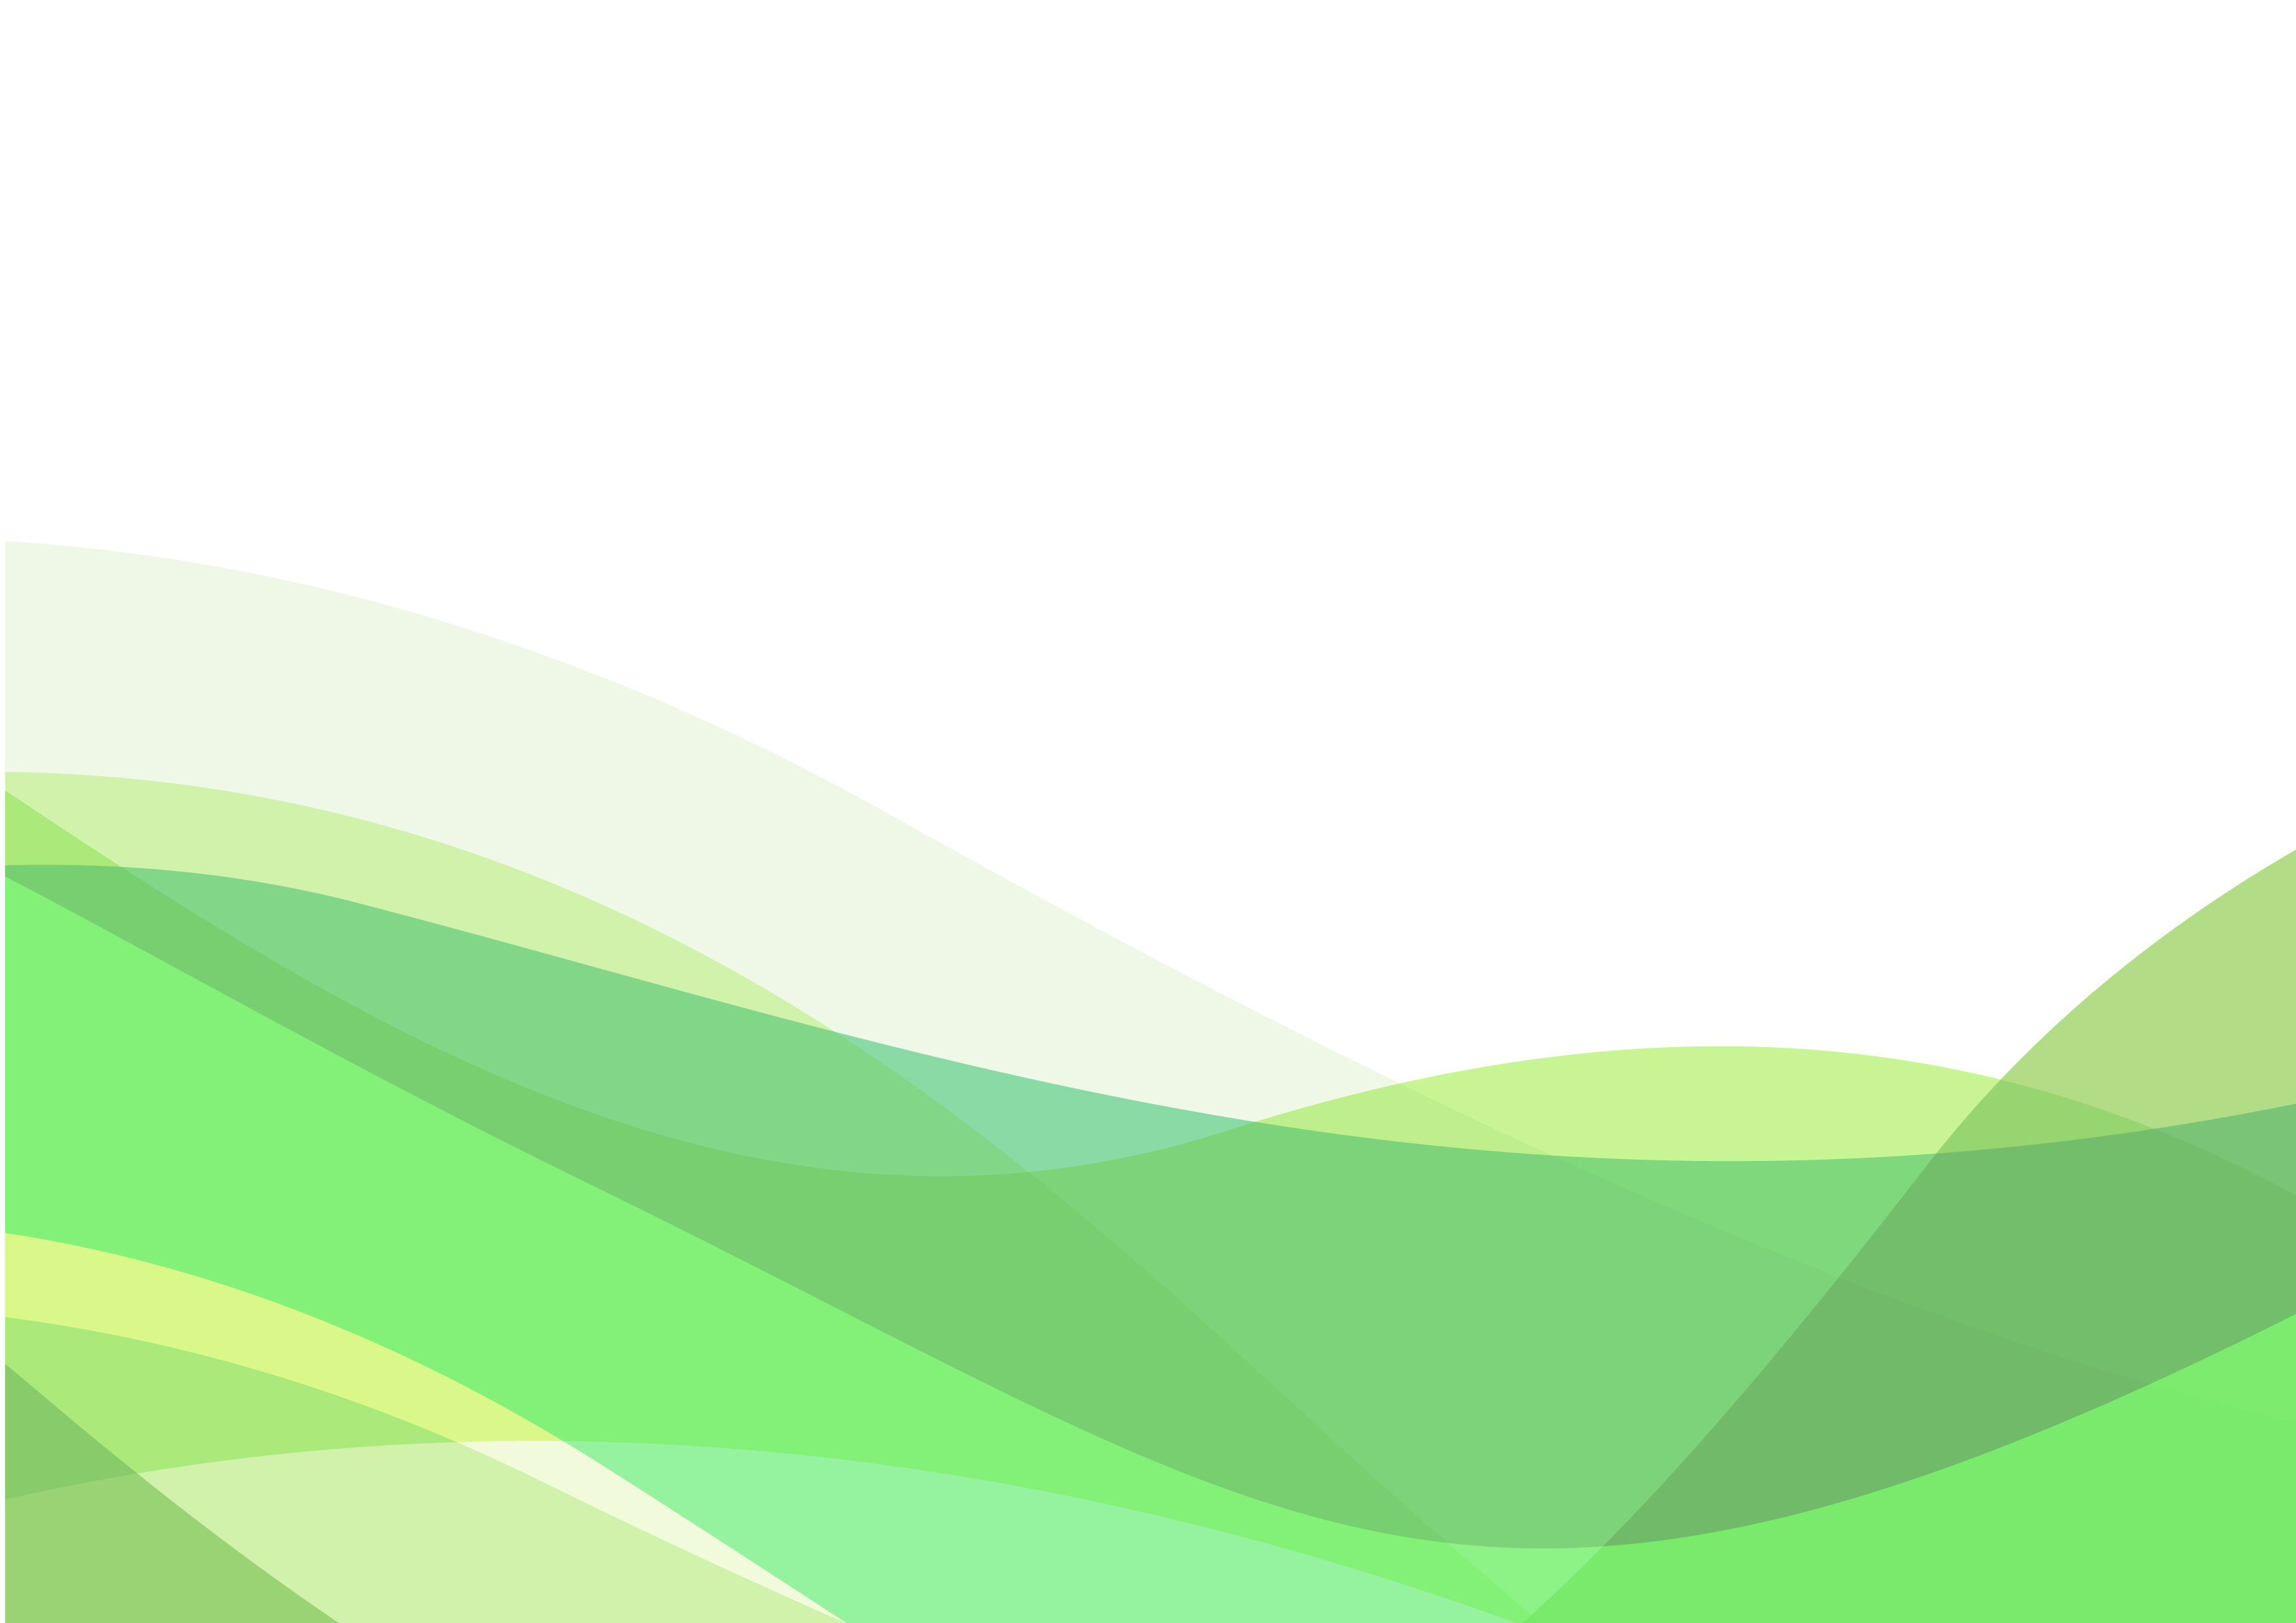 fond vert respectueux de l environnement de l ombrage vert